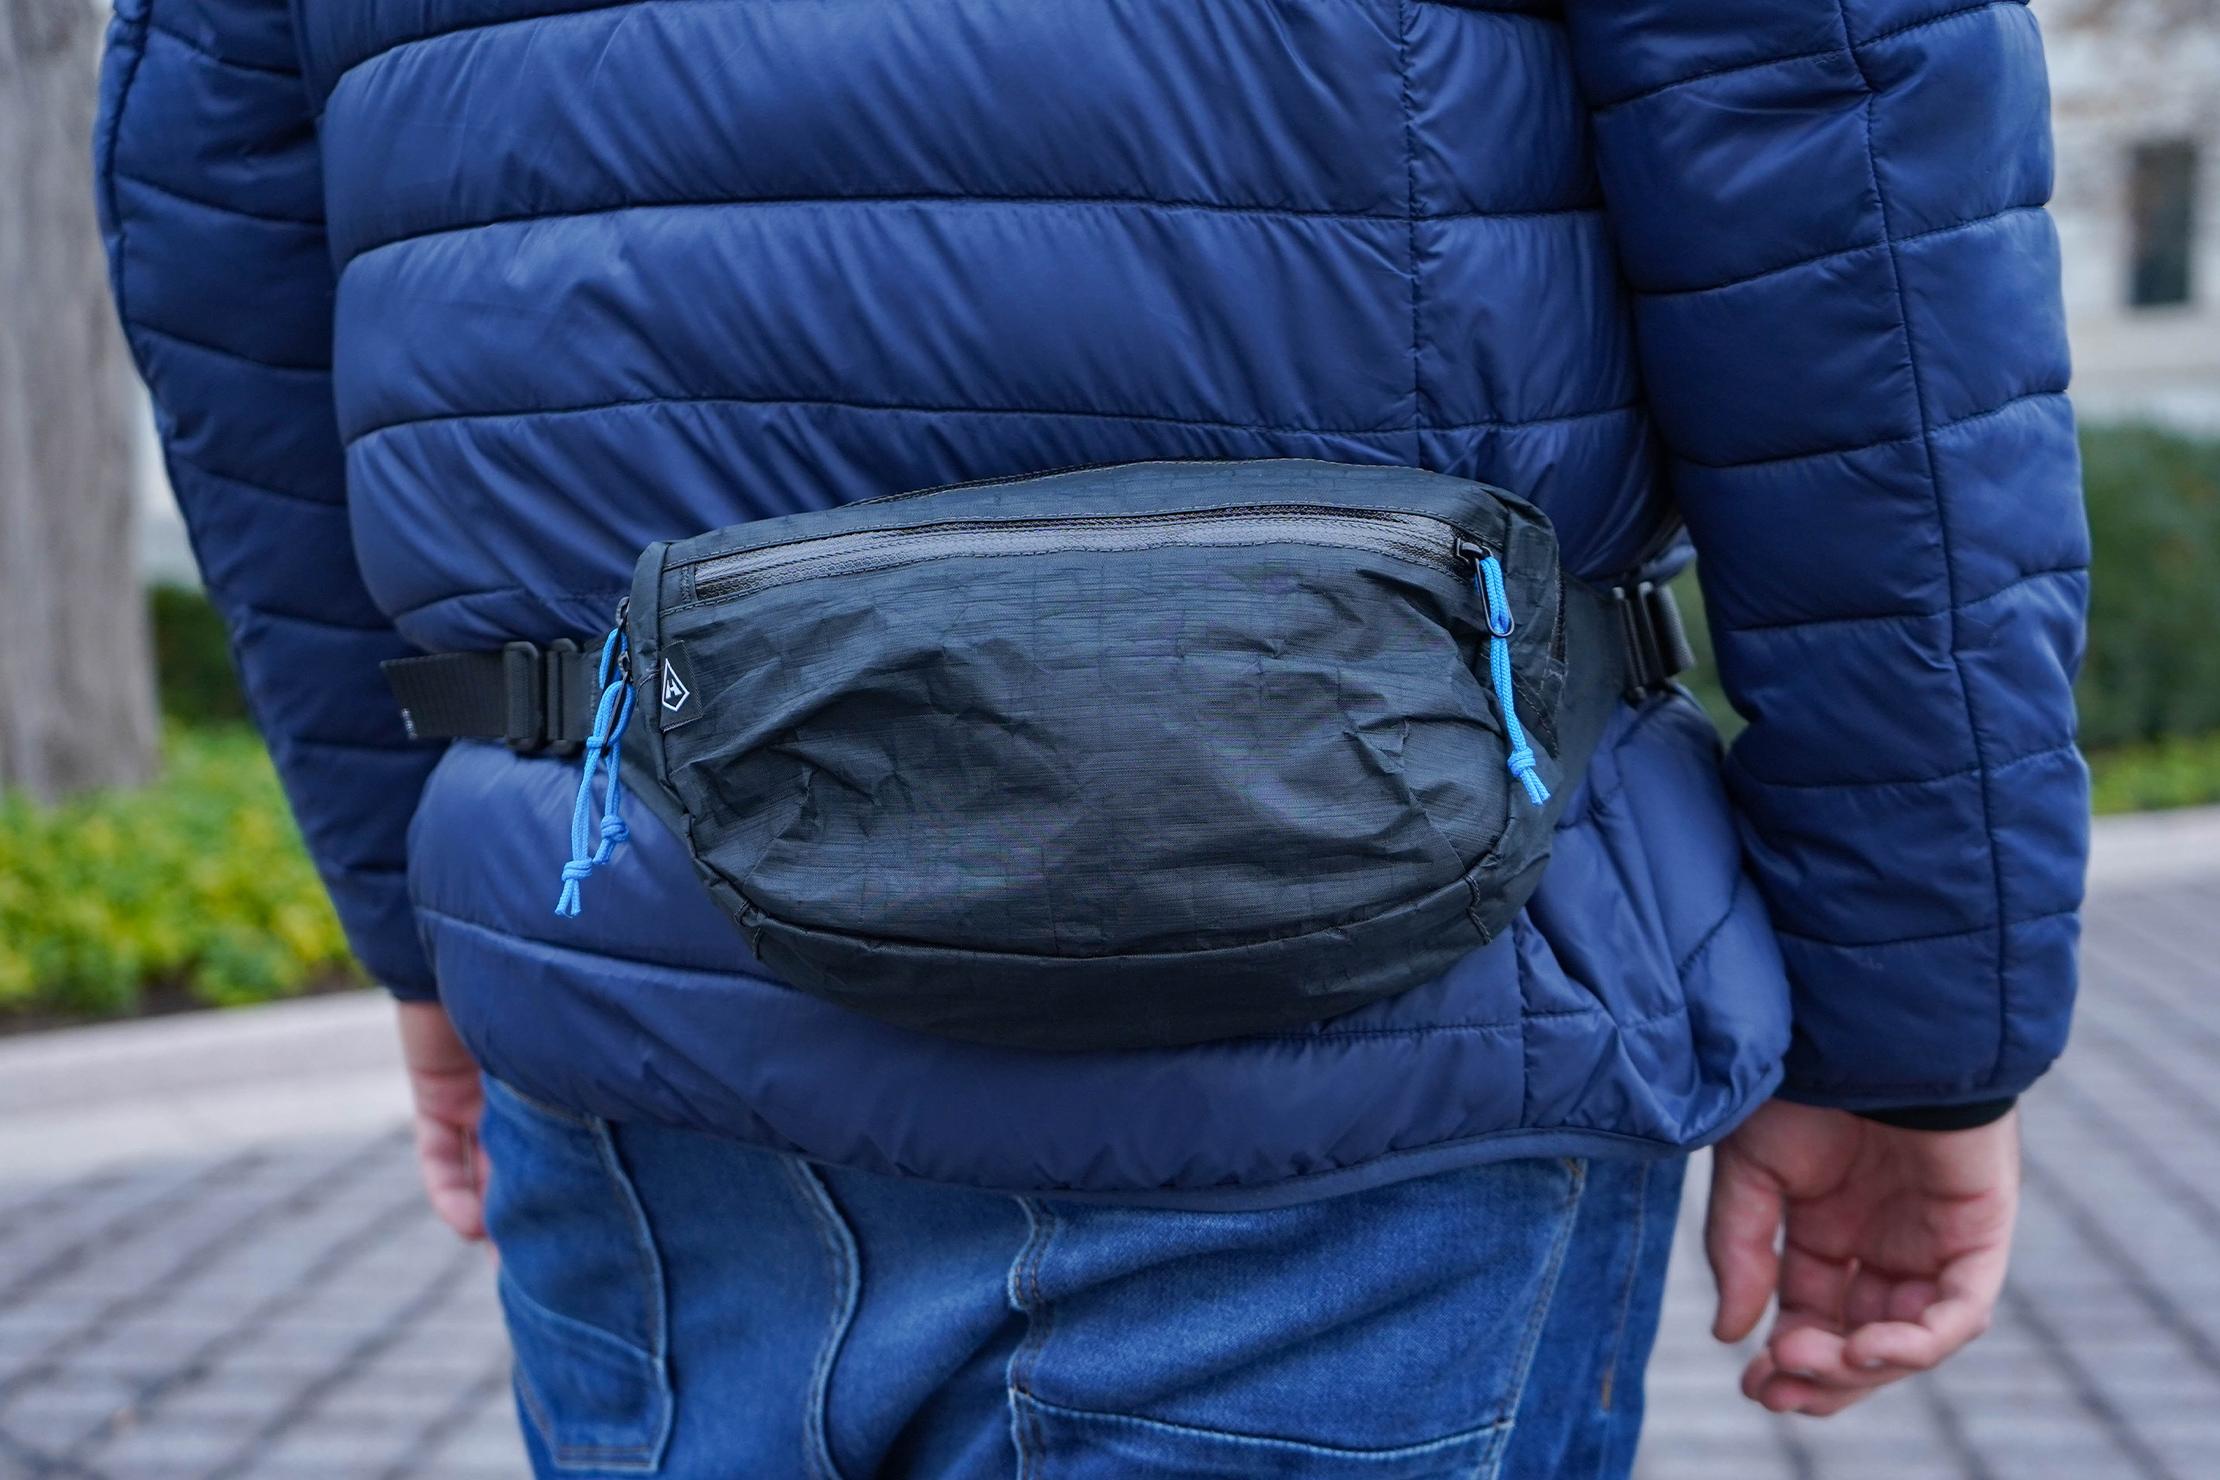 Hyperlite Mountain Gear Versa Waist Carry